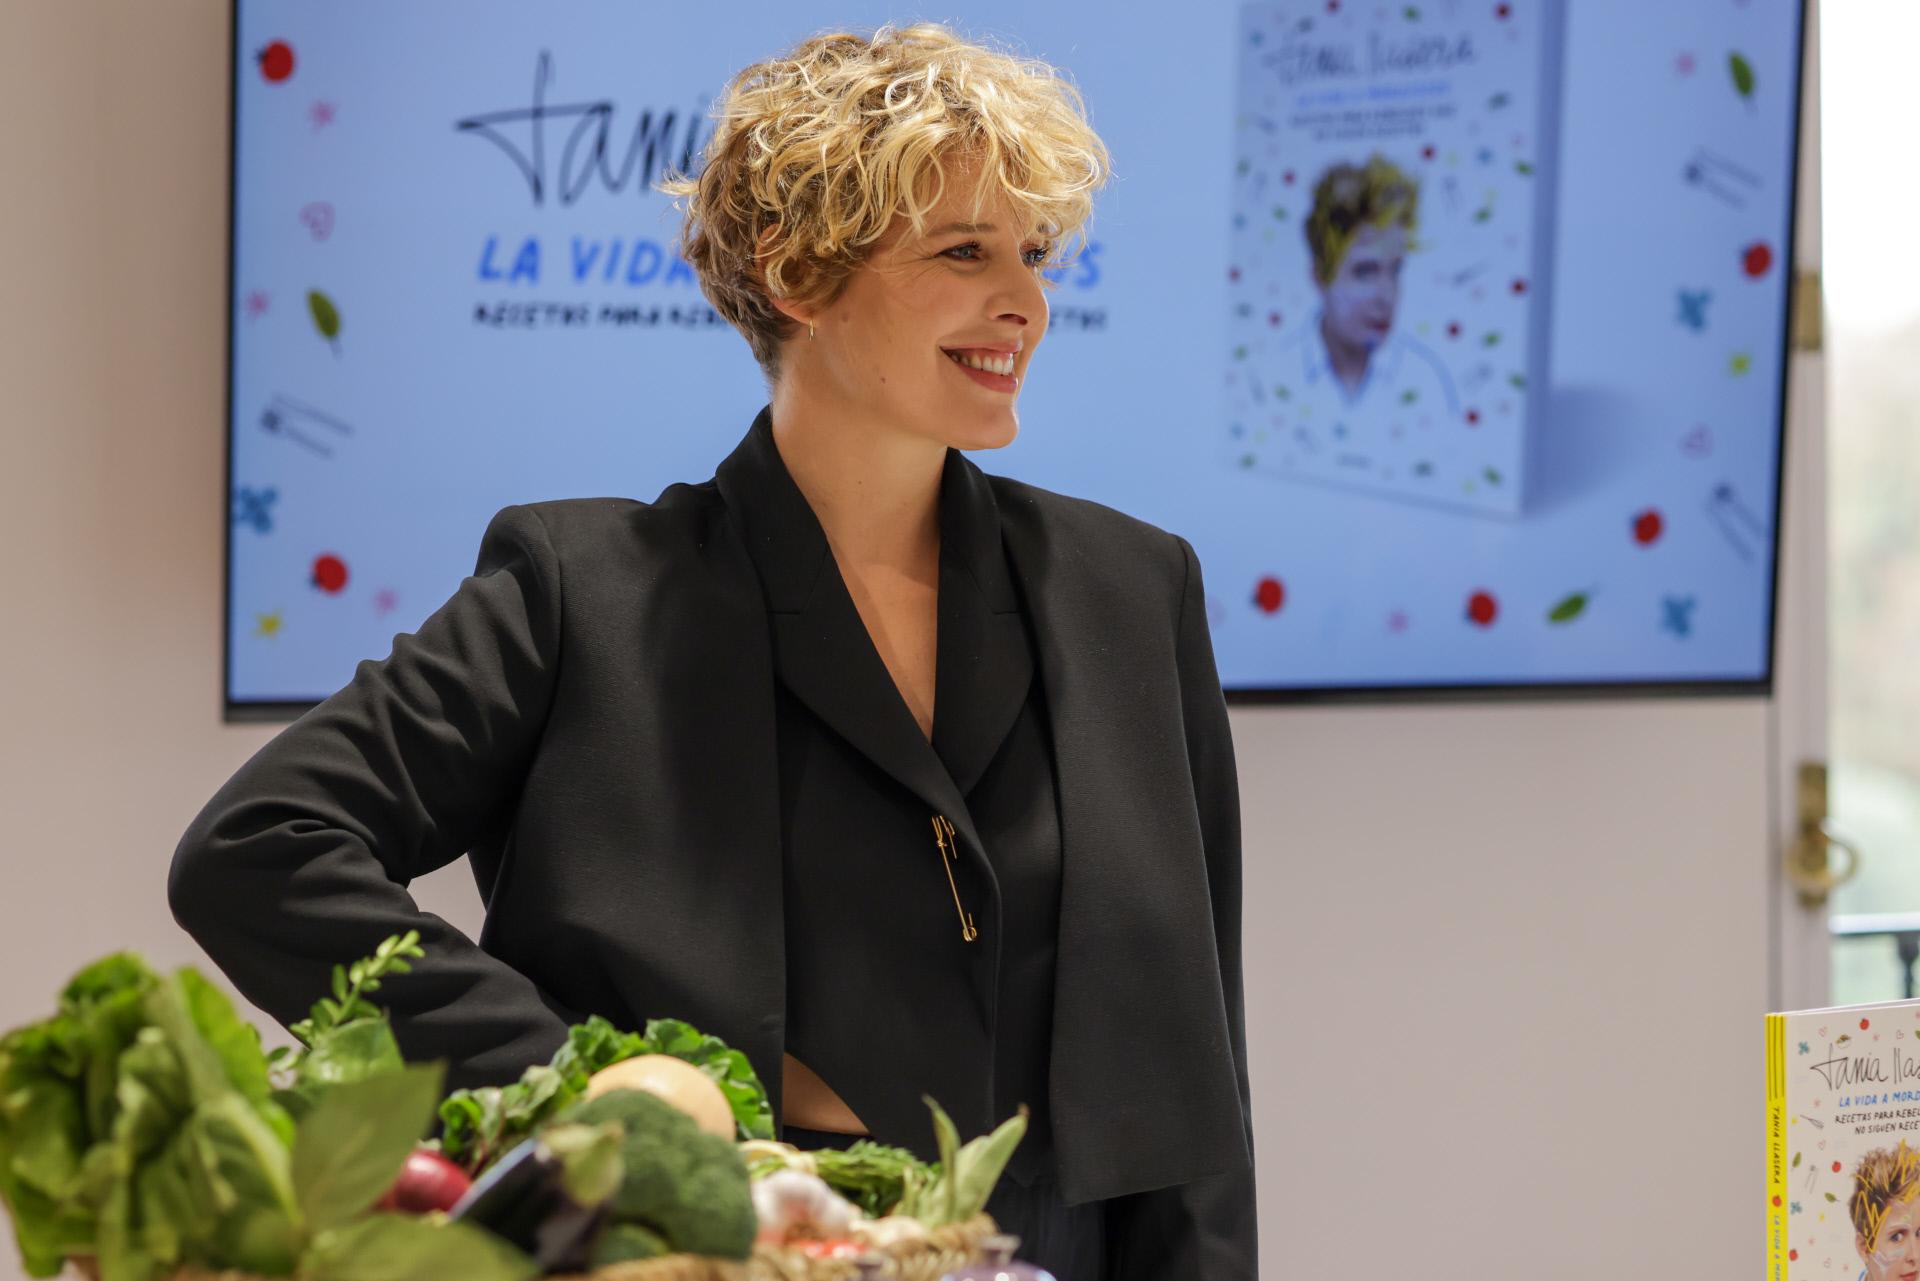 Tania Llasera en la presentación de su libro.